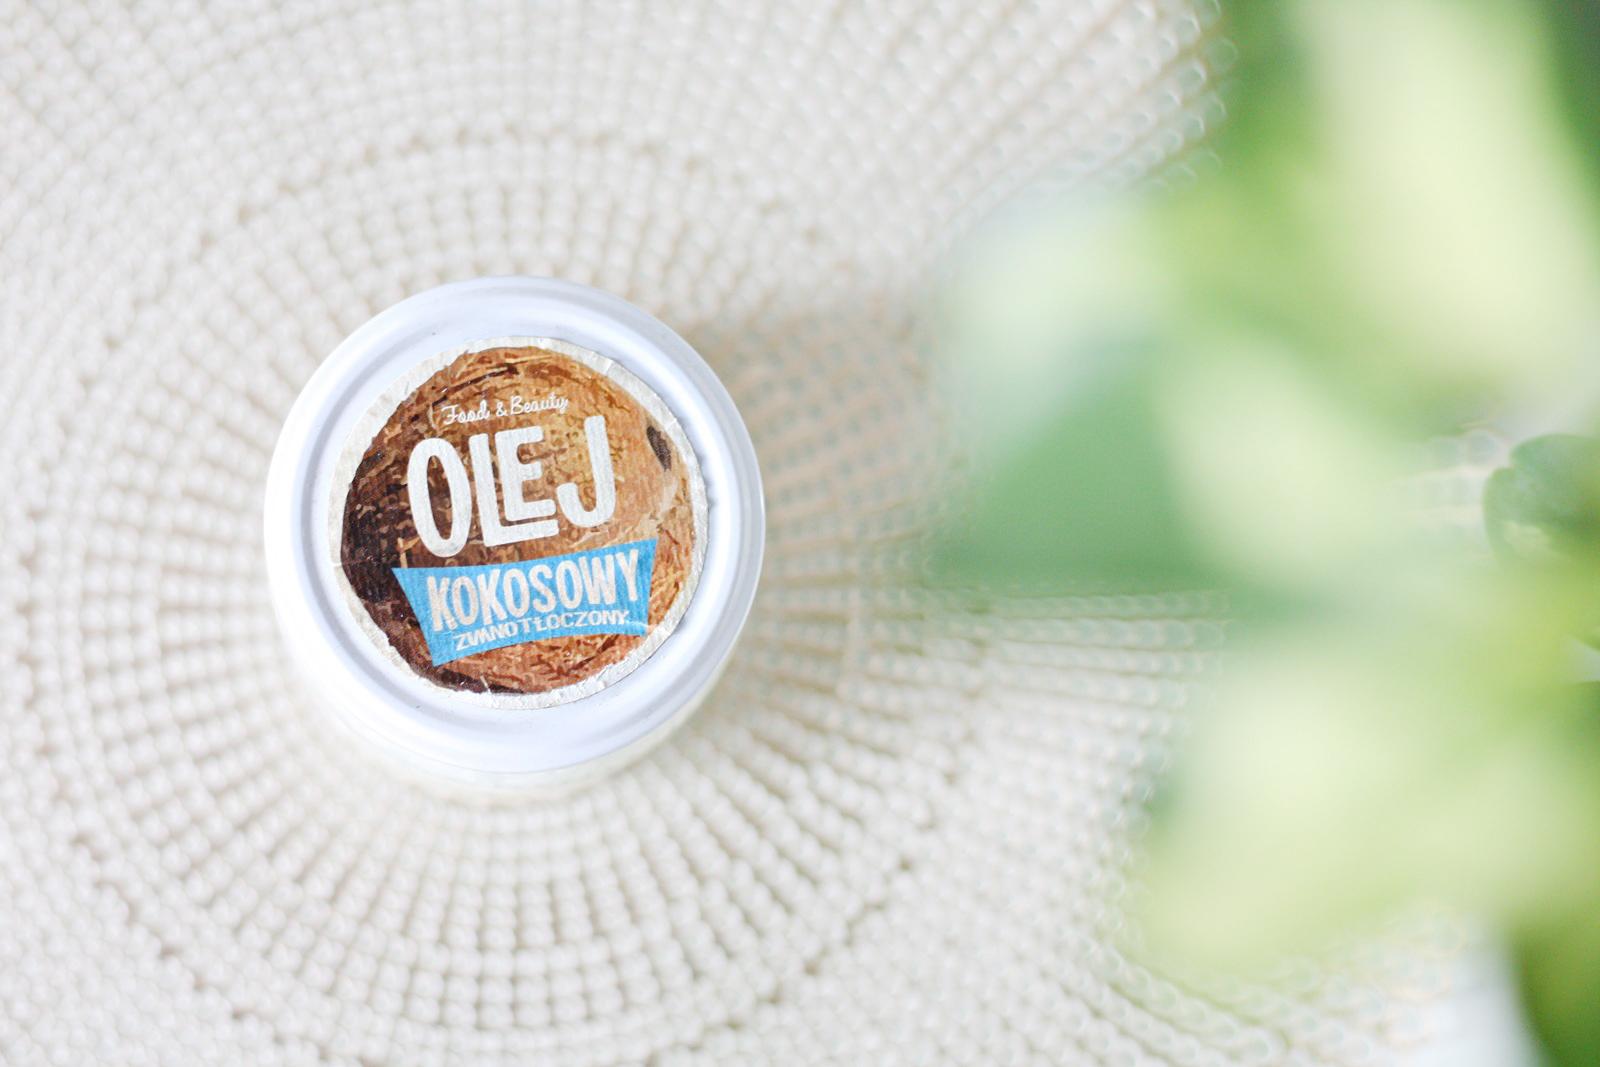 Olejowanie włosów - efekty - olej kokosowy na włosy